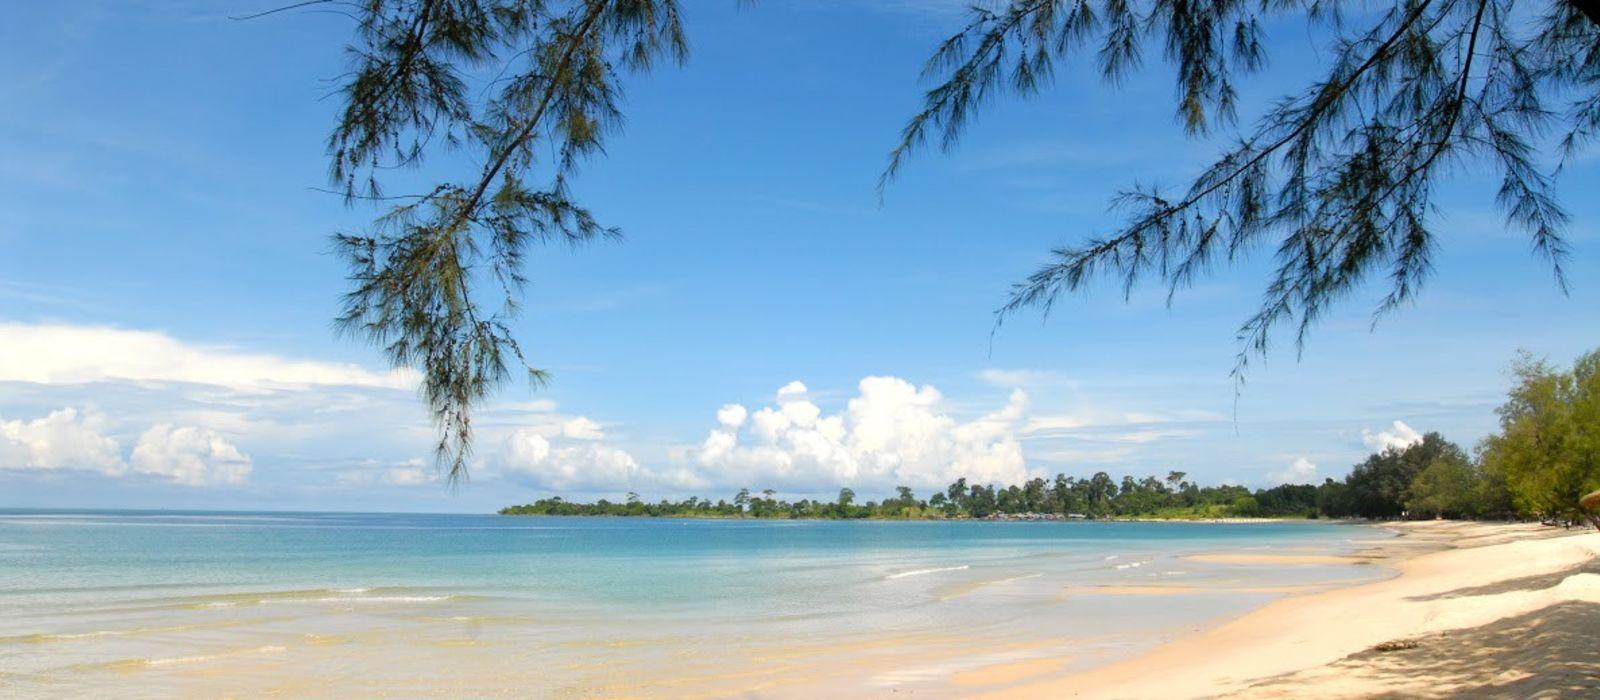 Bezauberndes Kambodscha und seine versteckten Reichtümer Urlaub 5